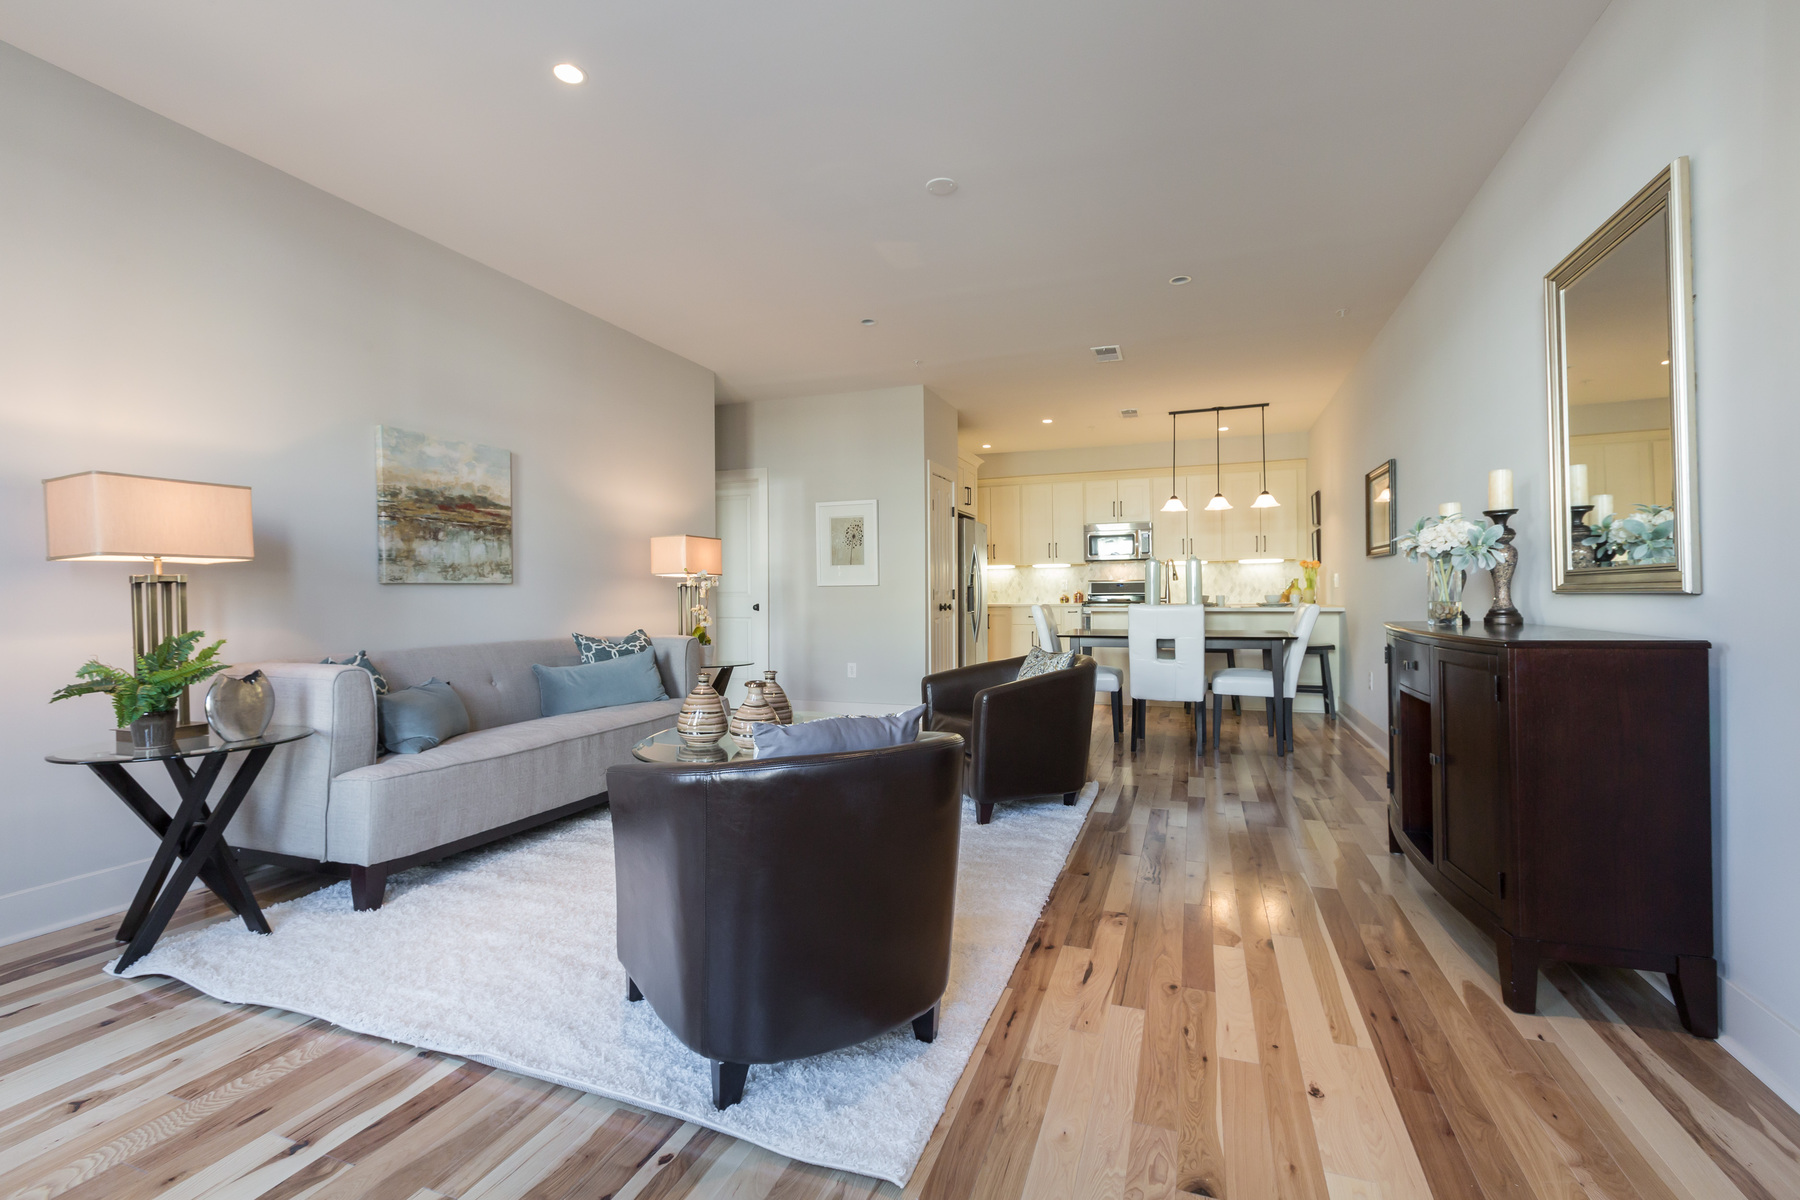 sales property at 728 Park Road Nw 1, Washington